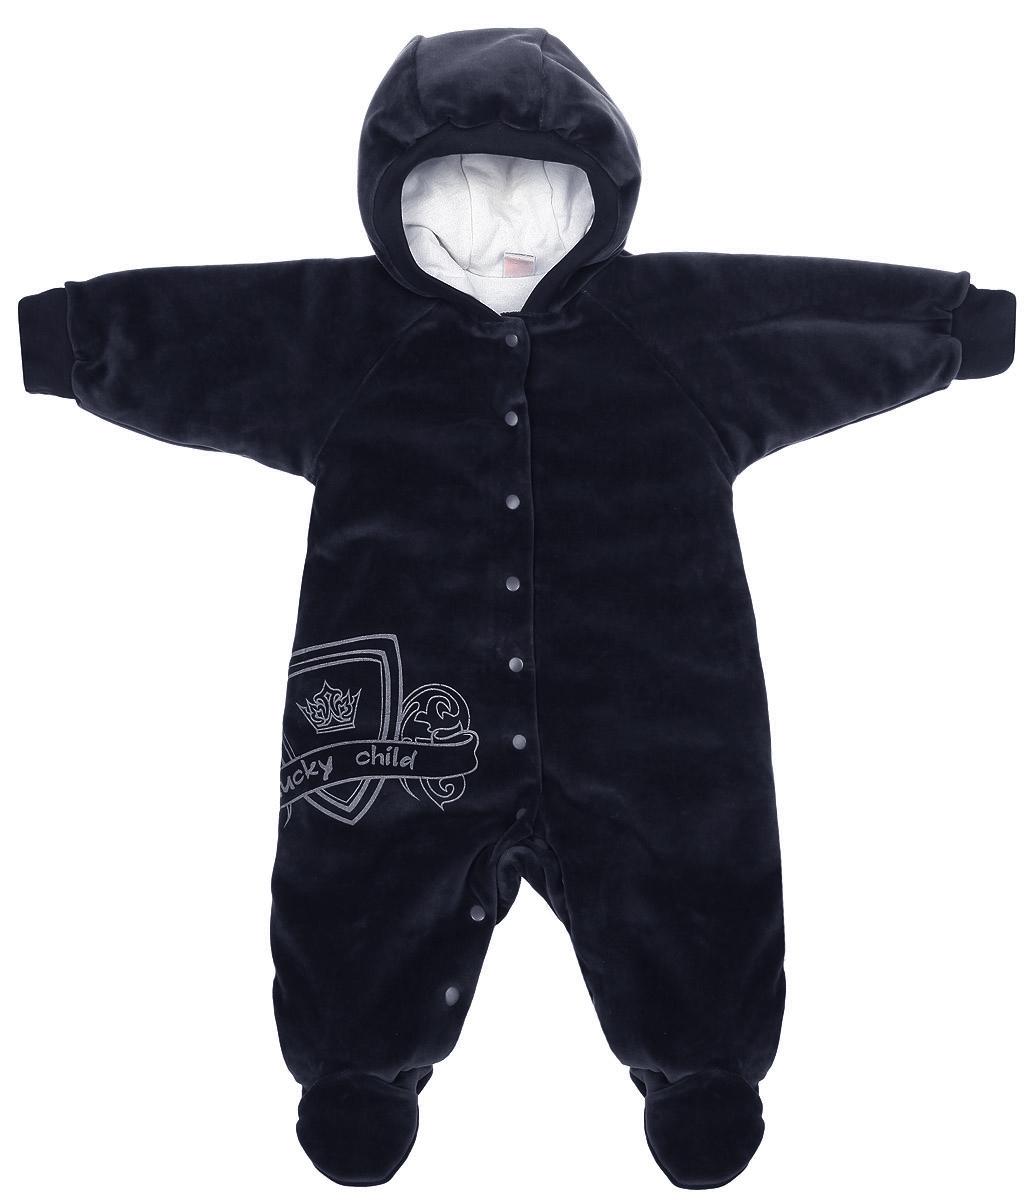 Комбинезон детский Lucky Child, цвет: темно-синий, белый. 5-1. Размер 56/625-1Детский комбинезон Lucky Child - очень удобный и практичный вид одежды для малышей. Комбинезон выполнен из велюра на подкладке из натурального хлопка, благодаря чему он необычайно мягкий и приятный на ощупь, не раздражают нежную кожу ребенка и хорошо вентилируются, а эластичные швы приятны телу младенца и не препятствуют его движениям. В качестве утеплителя используется синтепон. Комбинезон с капюшоном, длинными рукавами-реглан и закрытыми ножками по центру застегивается на металлические застежки-кнопки, также имеются застежки-кнопки на ластовице, что помогает с легкостью переодеть младенца или сменить подгузник. Капюшон по краю дополнен широкой трикотажной резинкой. Рукава понизу дополнены широкими эластичными манжетами, которые мягко обхватывают запястья. Спереди изделие оформлено оригинальным принтом в виде логотипа бренда. С детским комбинезоном Lucky Child спинка и ножки вашего малыша всегда будут в тепле. Комбинезон полностью соответствует особенностям жизни младенца в ранний период, не стесняя и не ограничивая его в движениях!